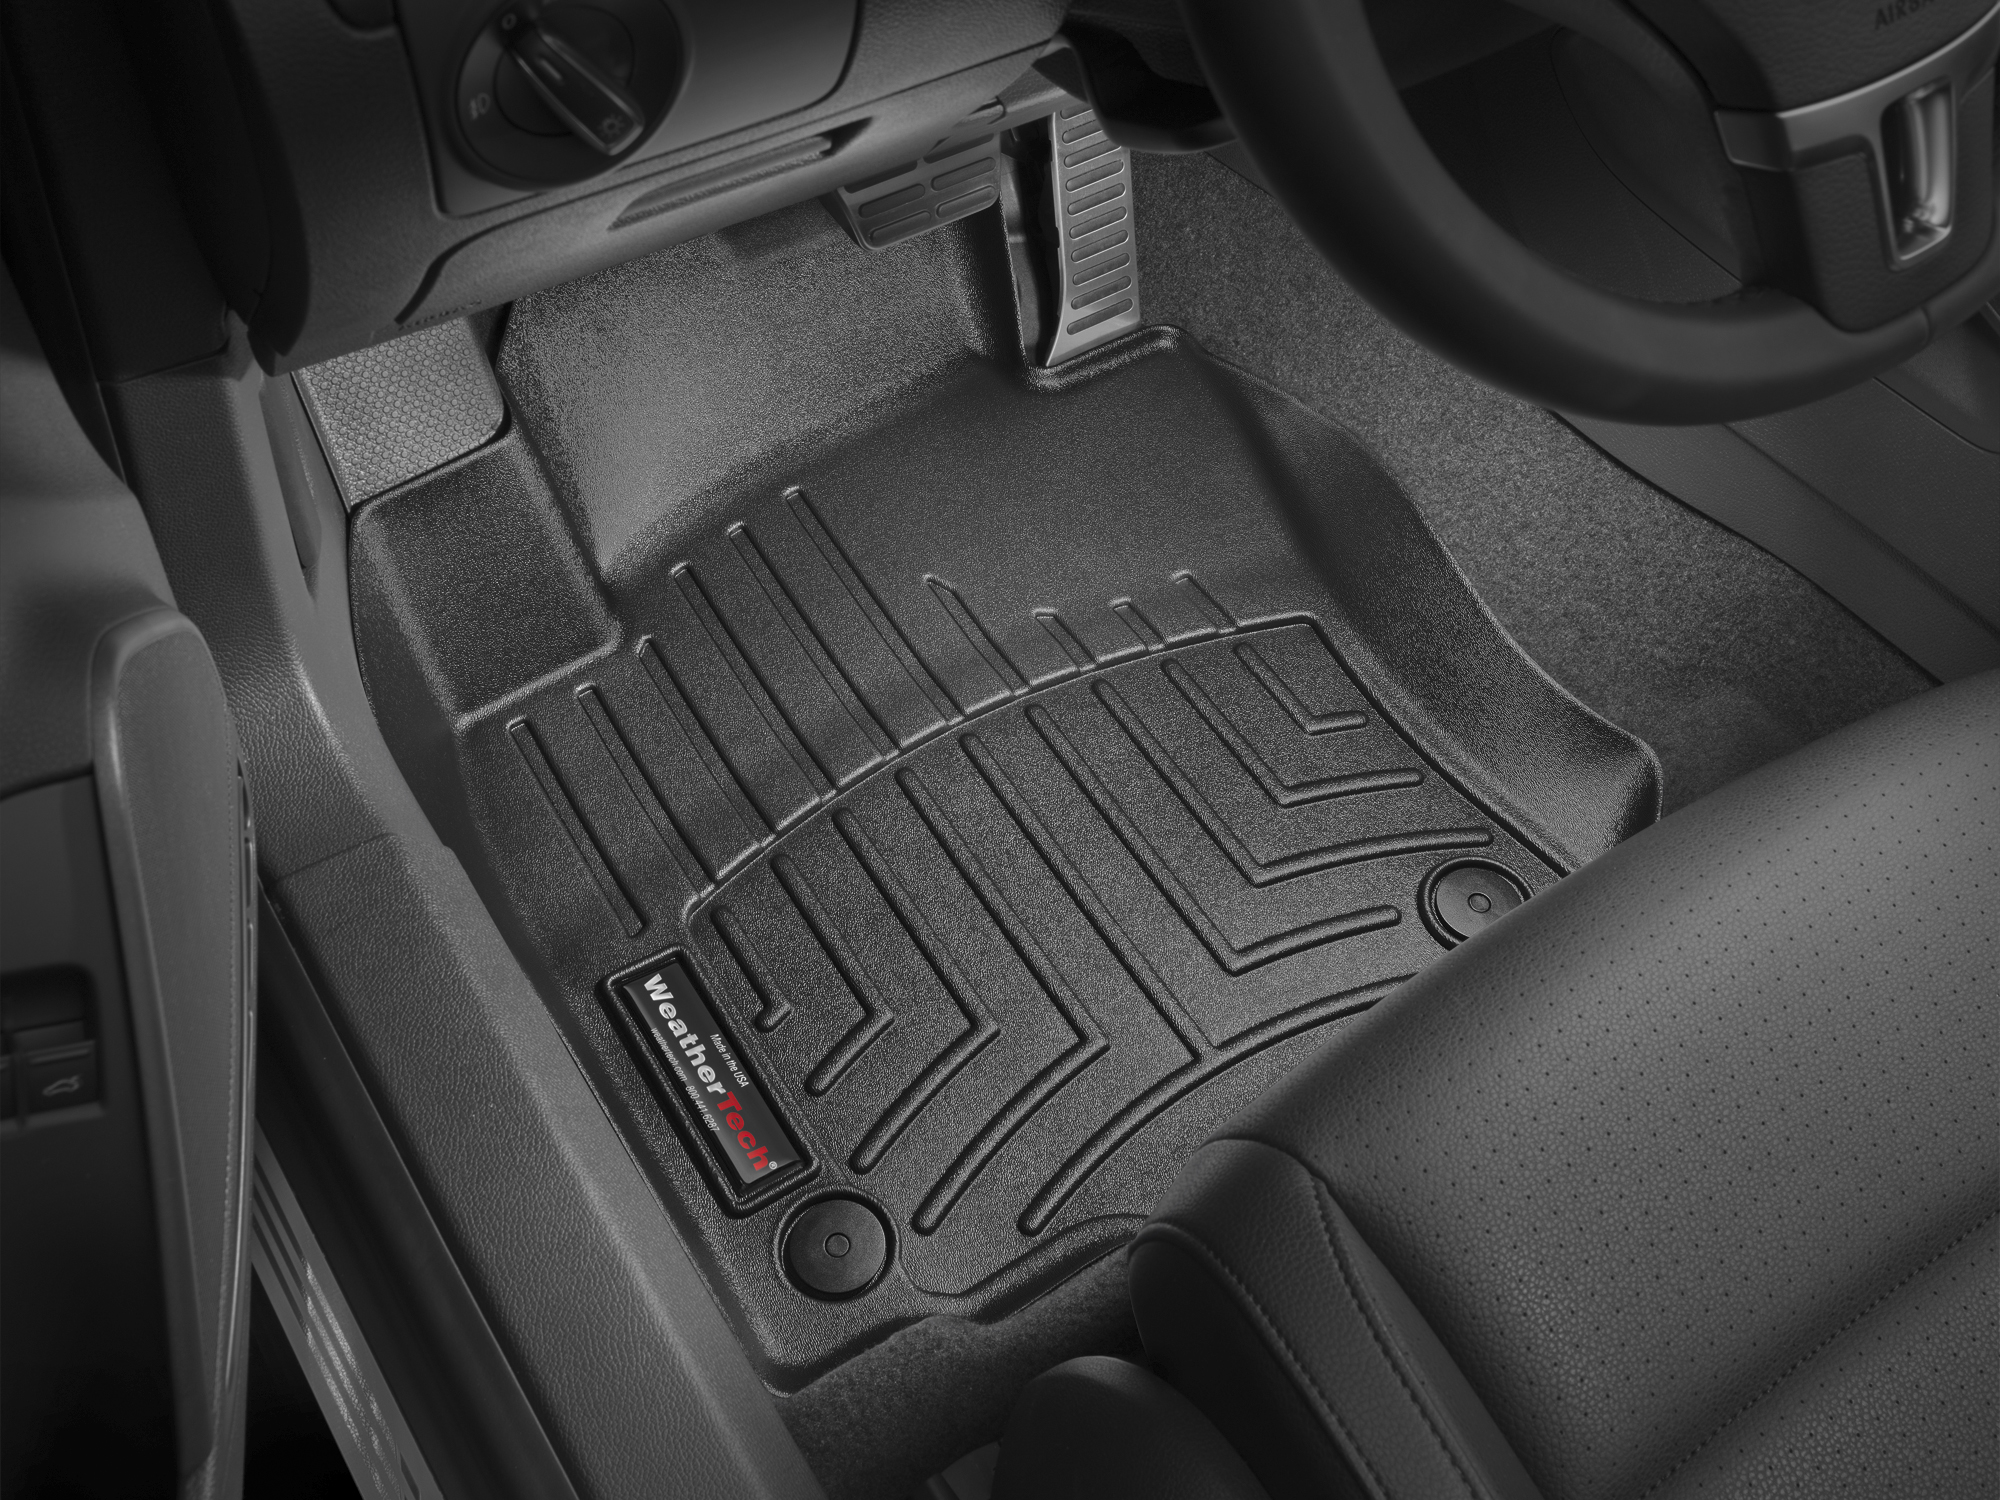 Tappeti gomma su misura bordo alto Volkswagen Golf 03>03 Nero A4024*